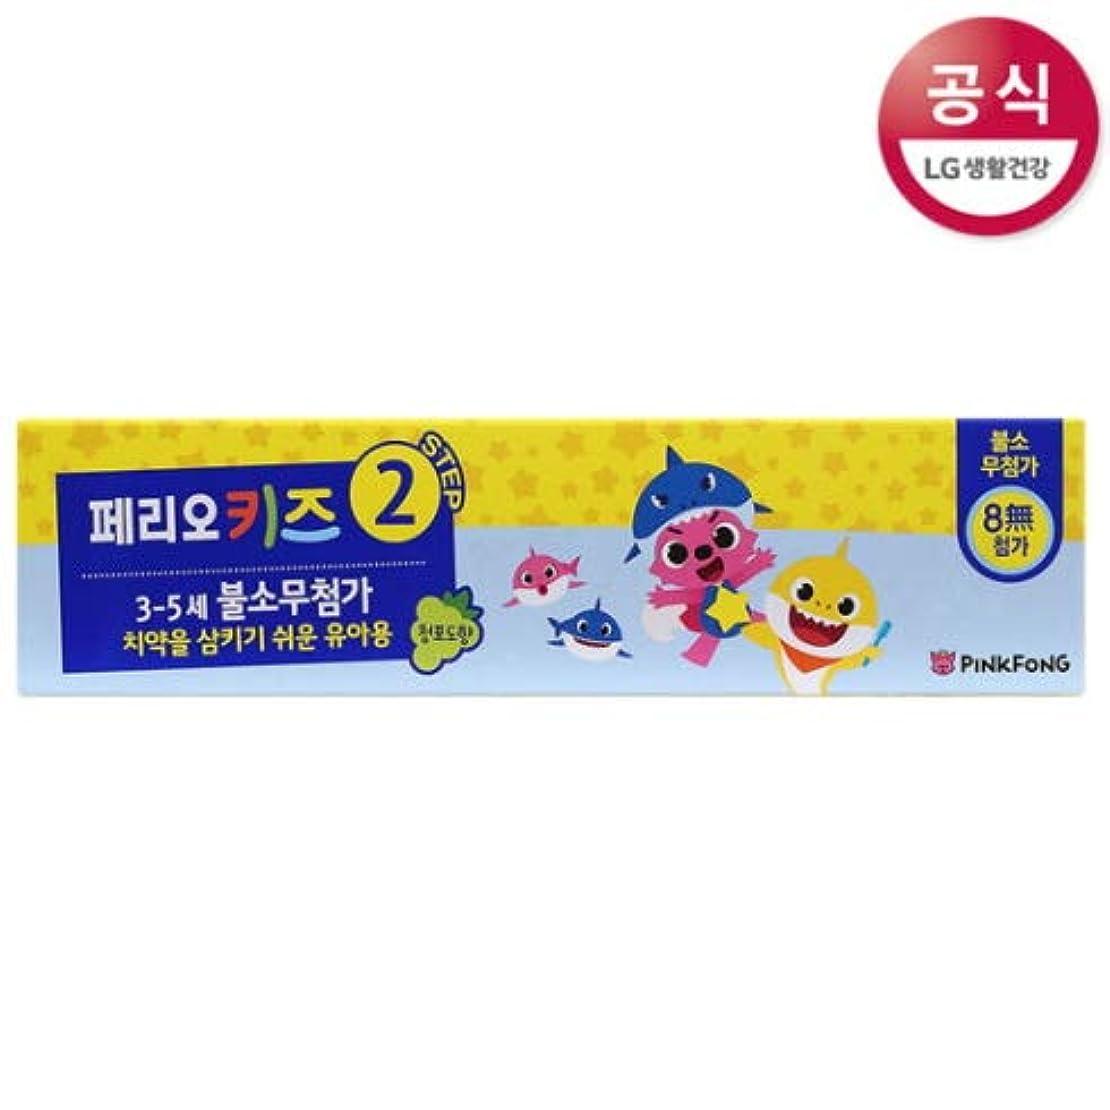 差別化する人生を作るただ[LG HnB] Pero Kids Step 2 Toothpaste / ペリオ子供ステップ2歯磨き粉 75gx1個(海外直送品)